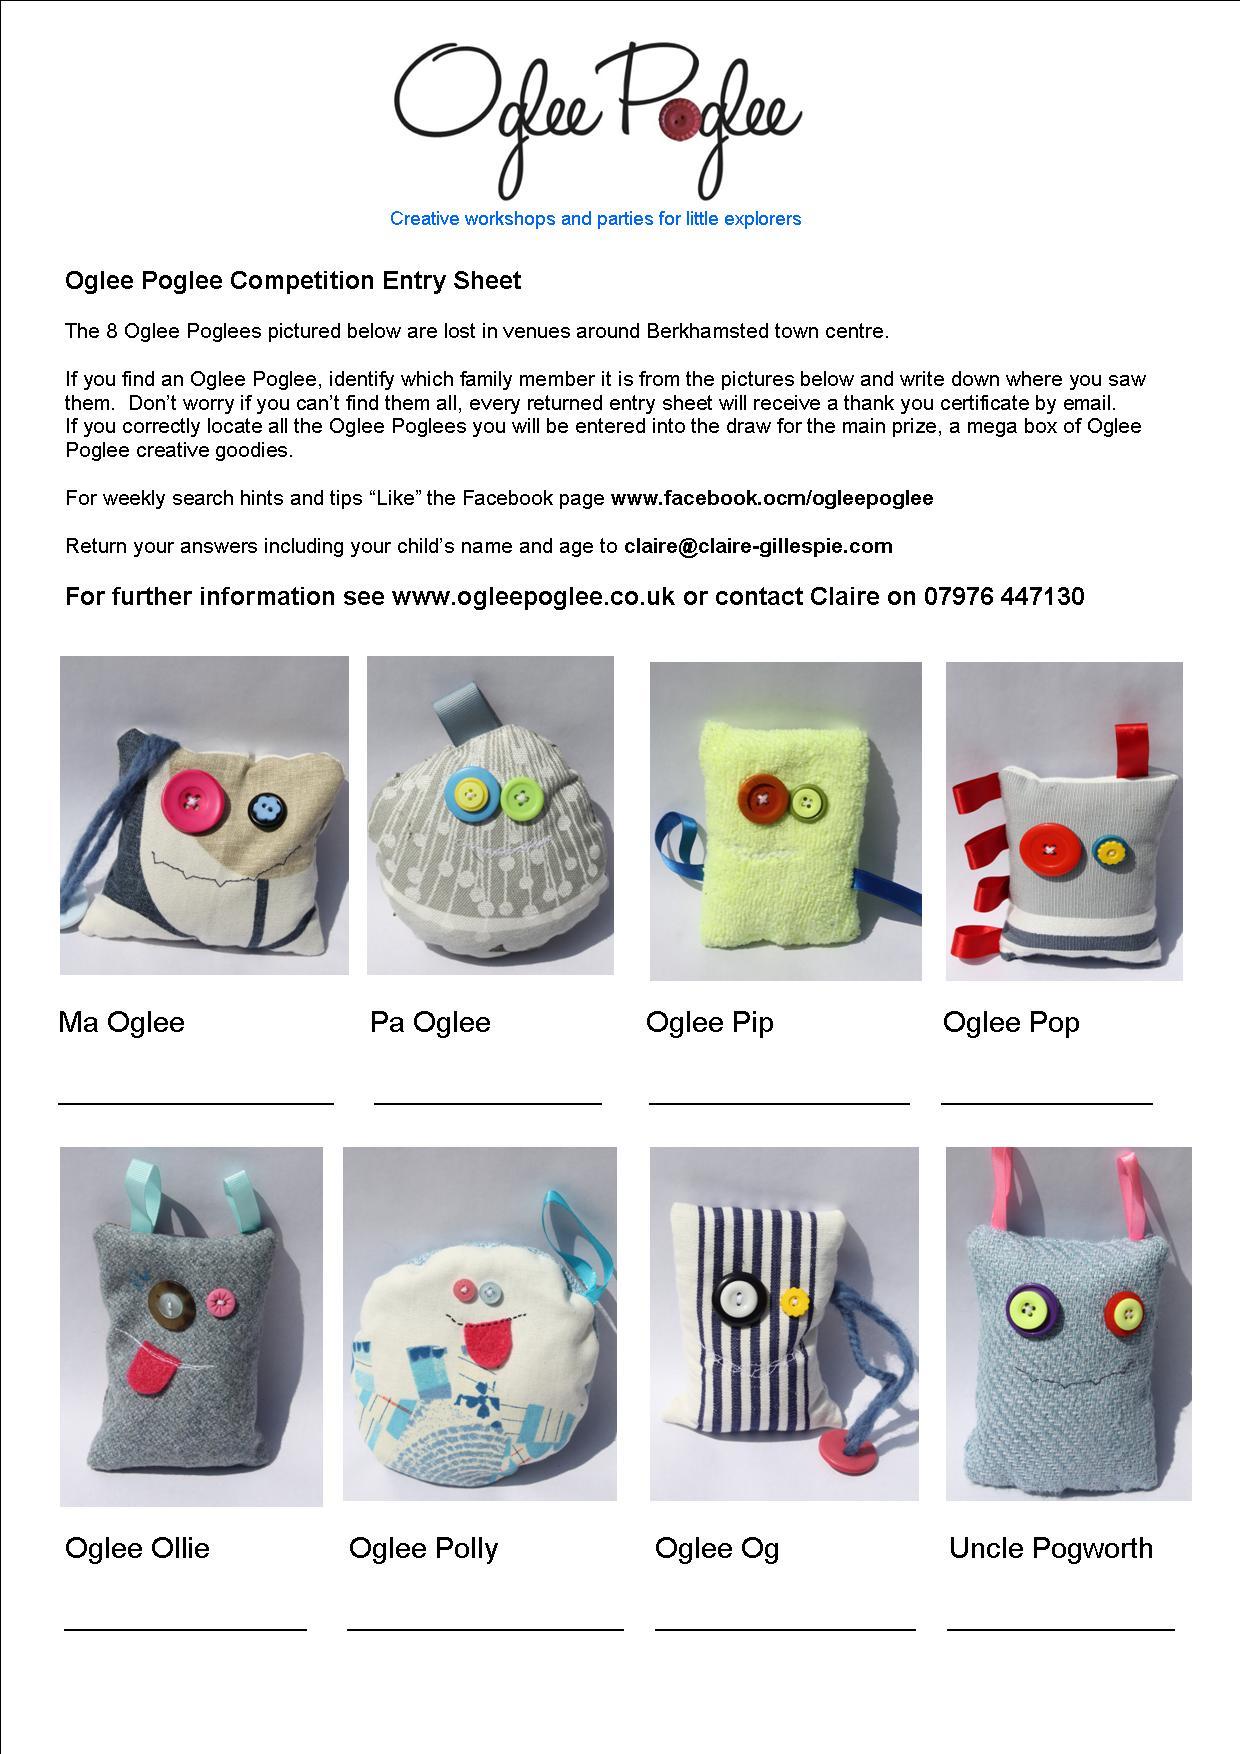 Oglee poglee competition entry sheet